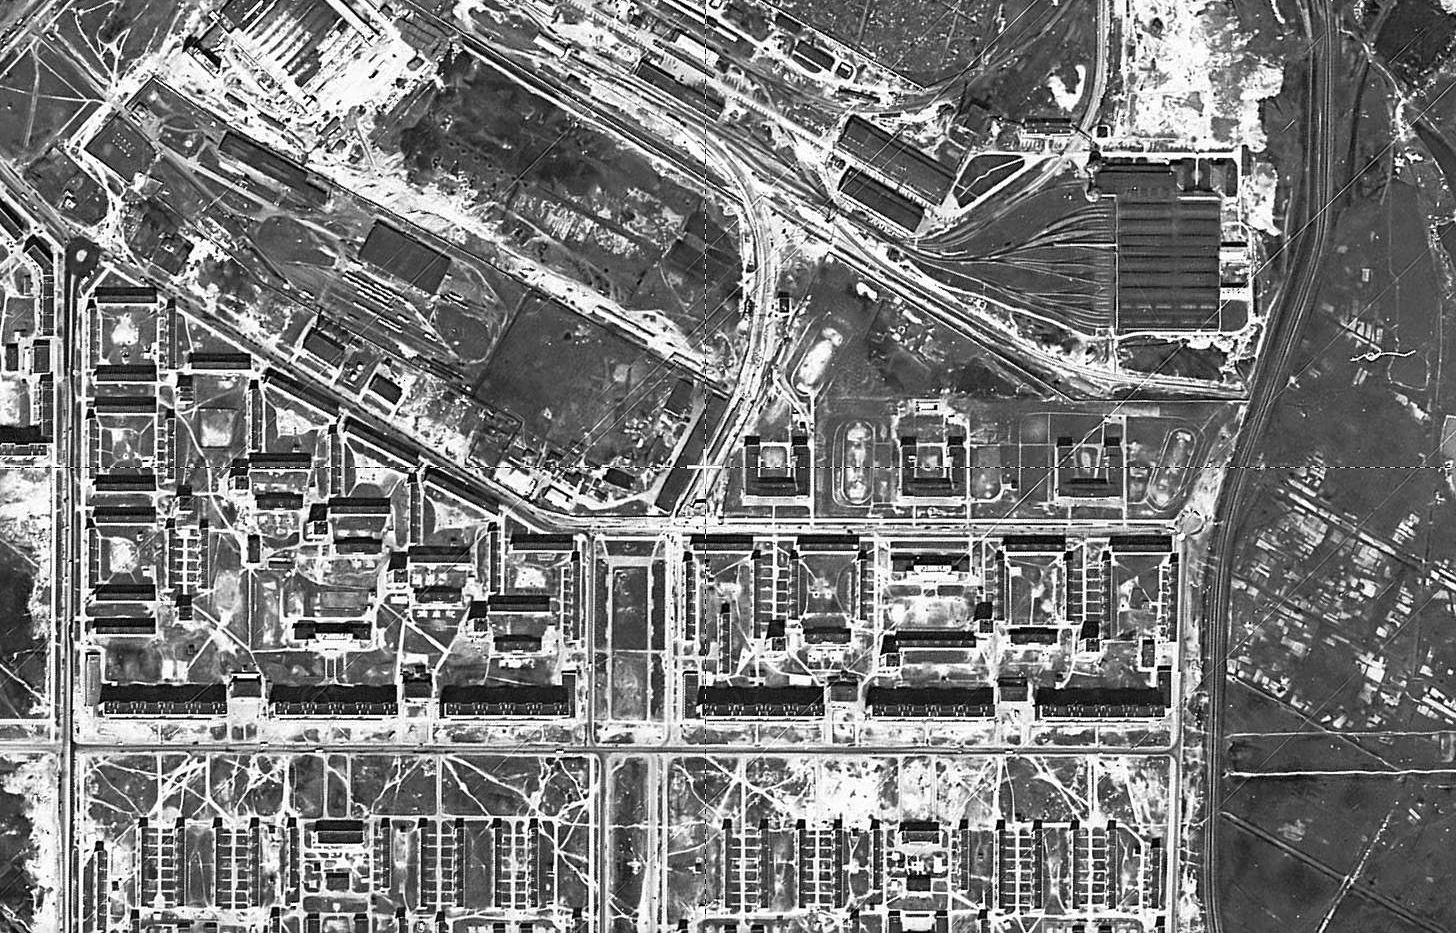 Immagine satellitare di Dachnoe e stazione della metropolitana, 1966, CIA